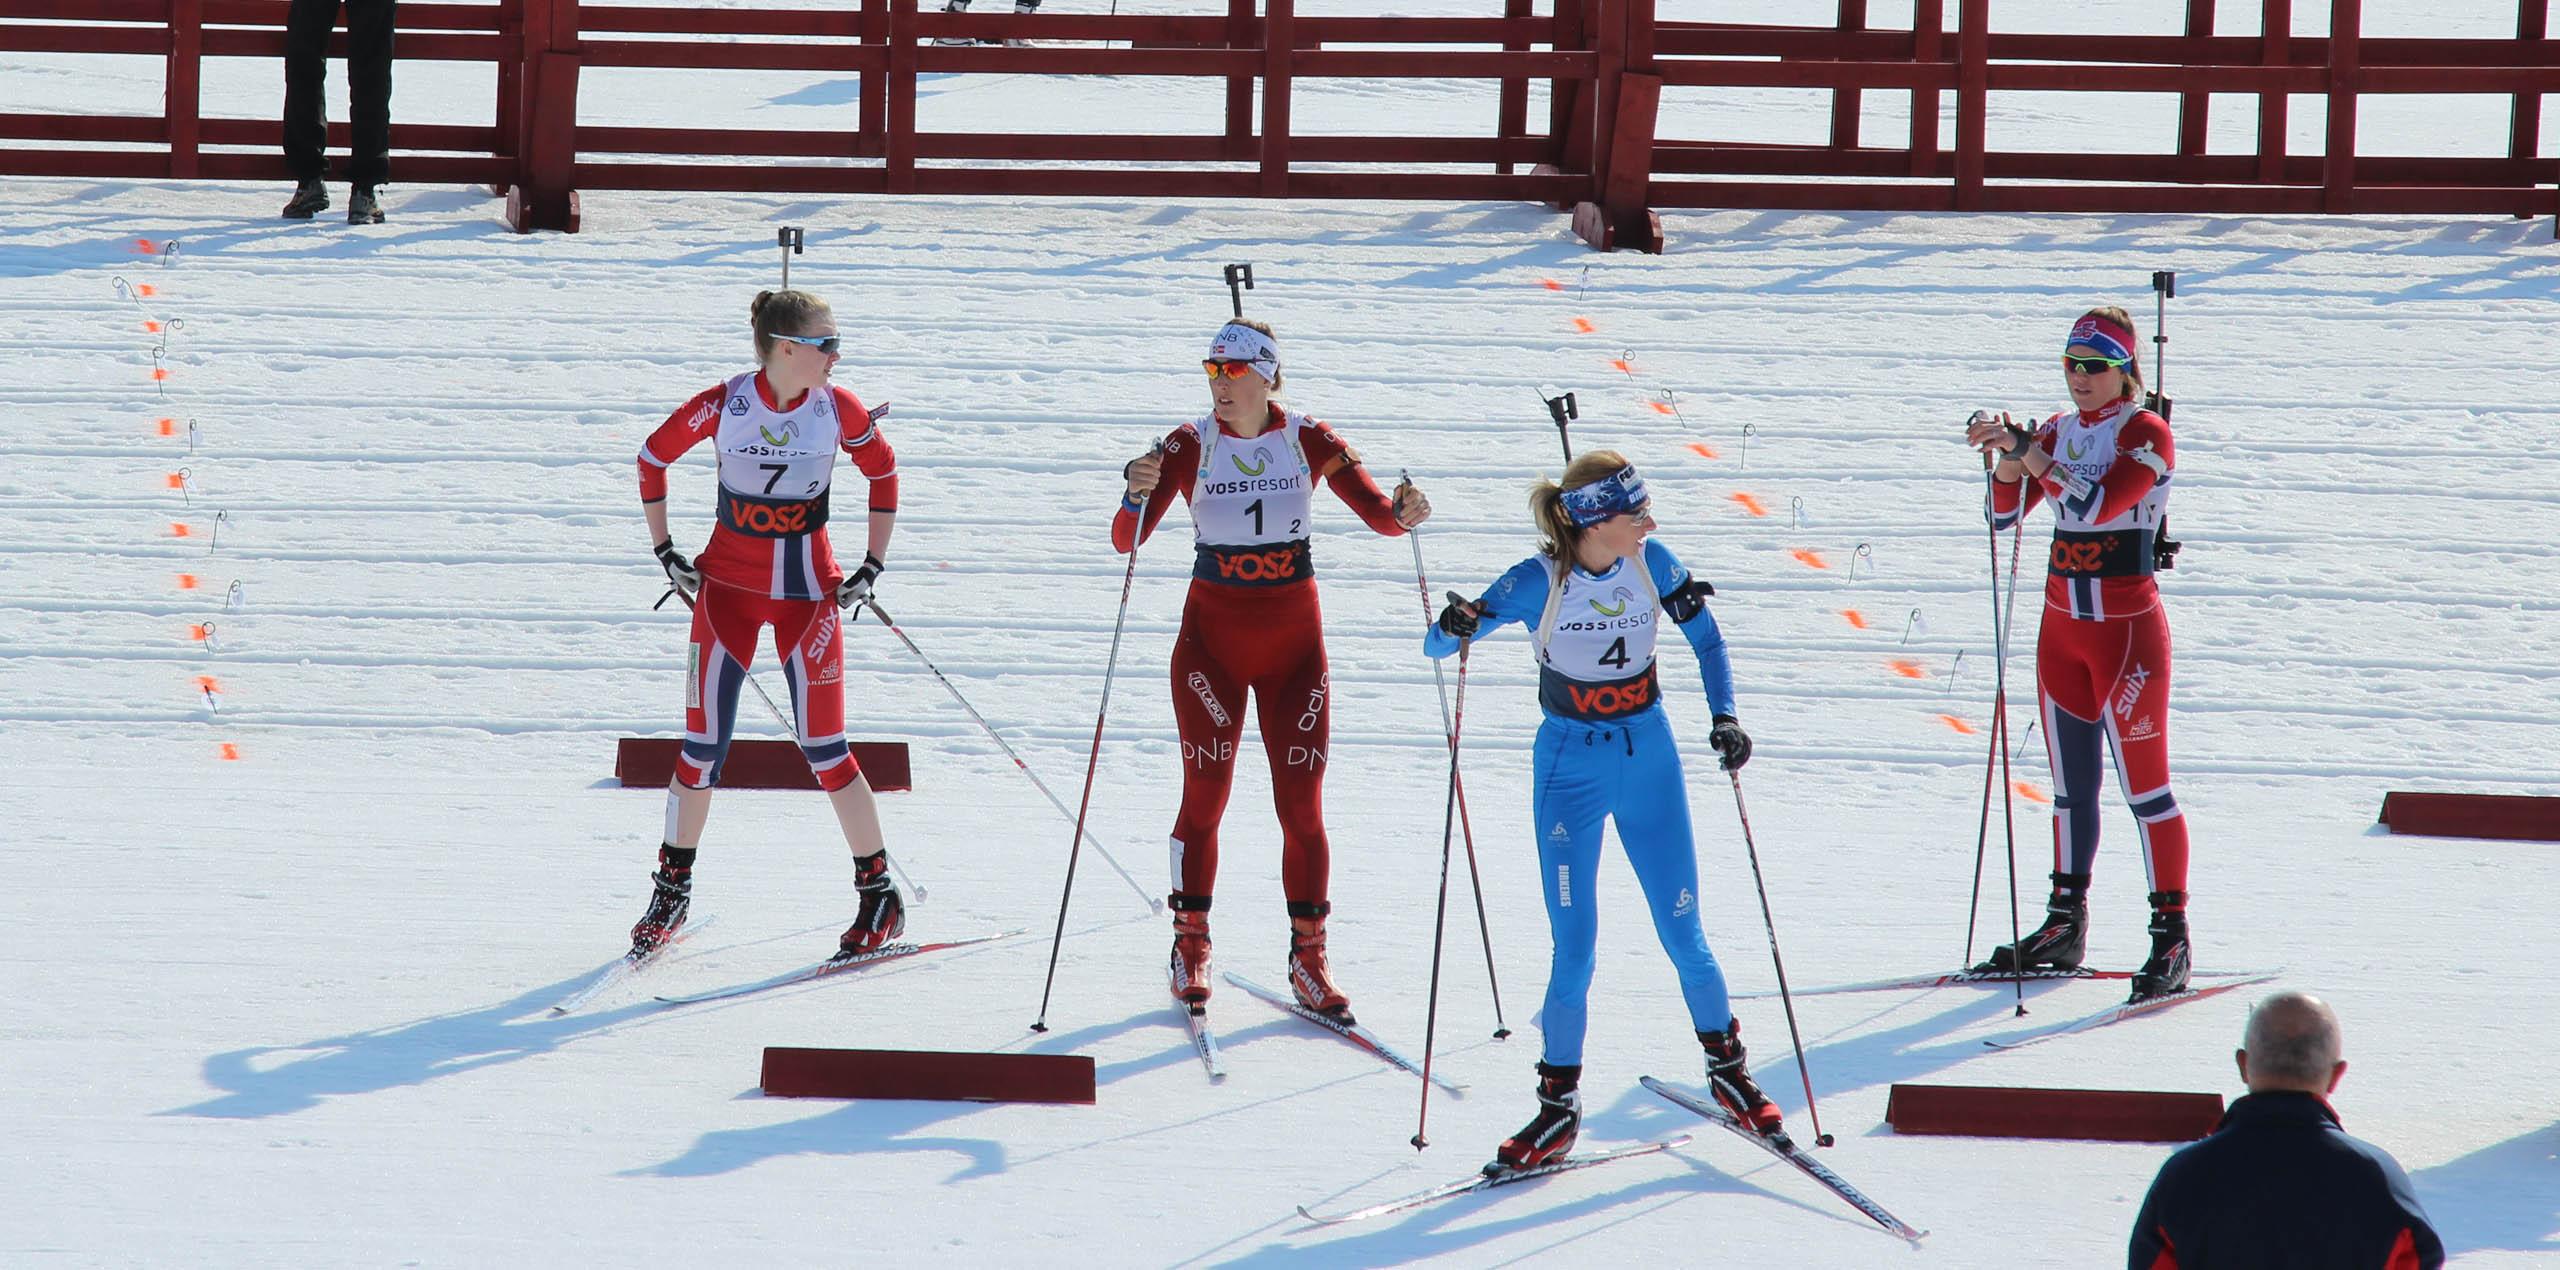 Voss ski og tursenter webkamera